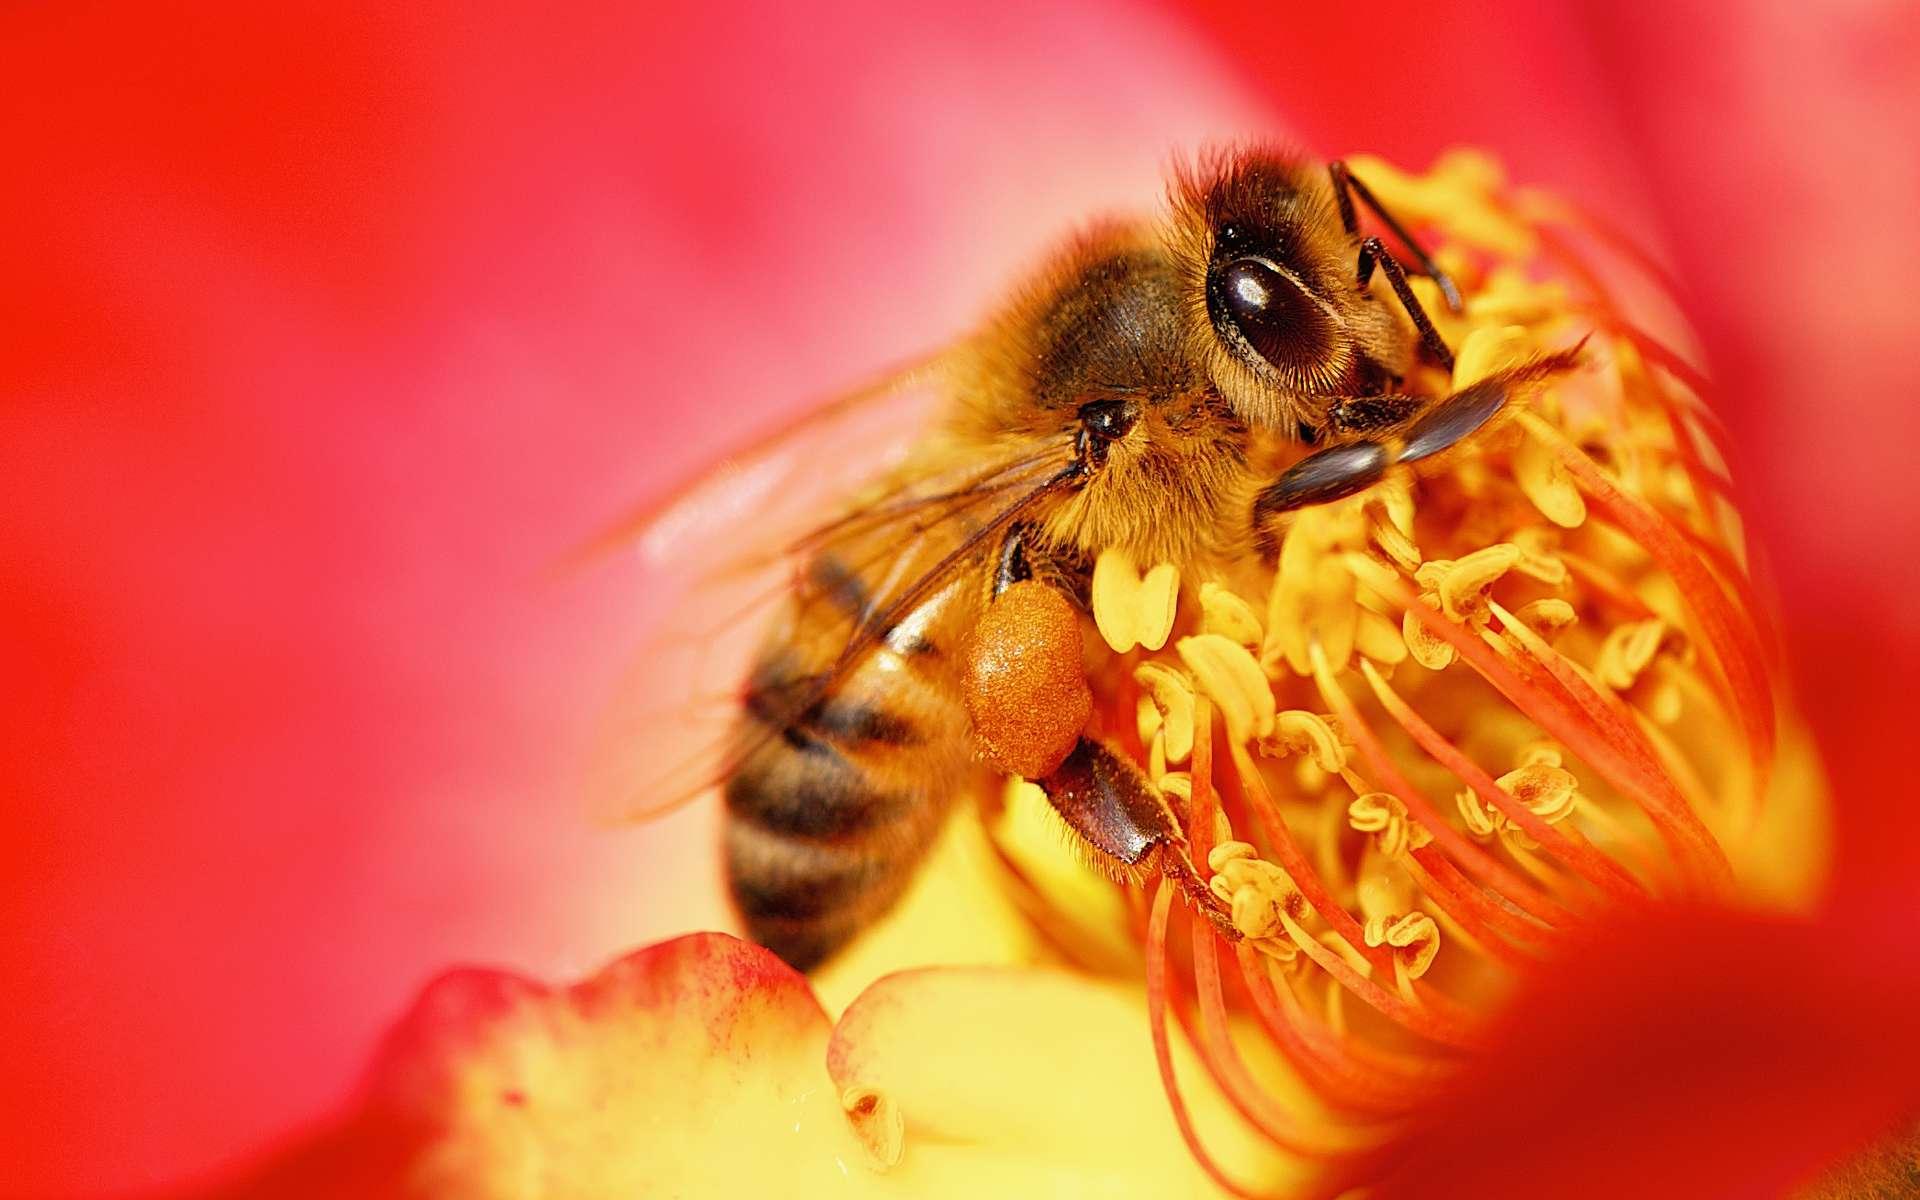 Les abeilles bientôt vaccinées contre les maladies ? © Danny Perez Photography, Flickr